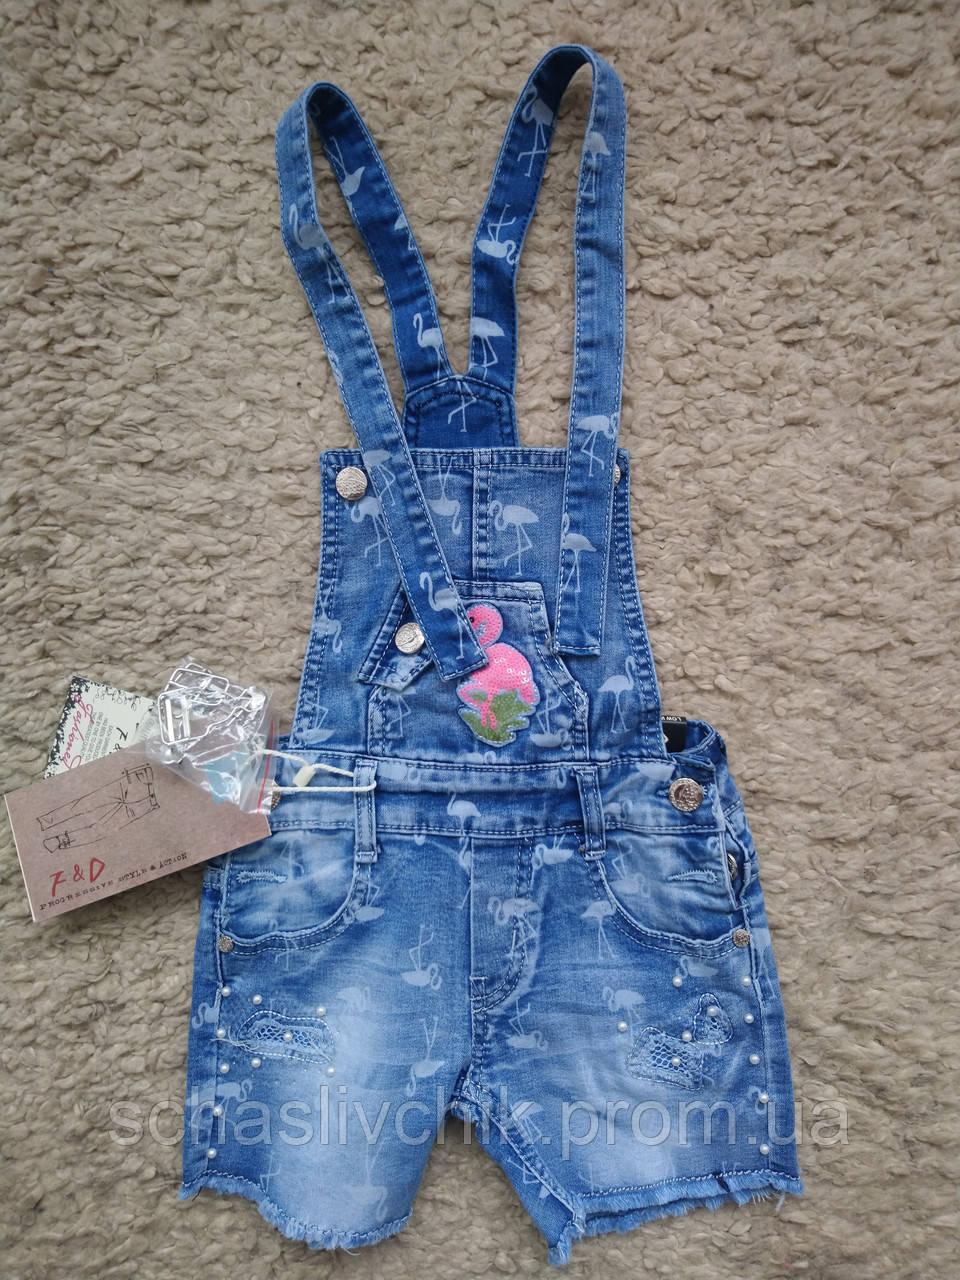 Комбинезон шорты , Детские джинсовые бриджи, шорты для мальчиков и девочек, размер 104-134, фирма F&D